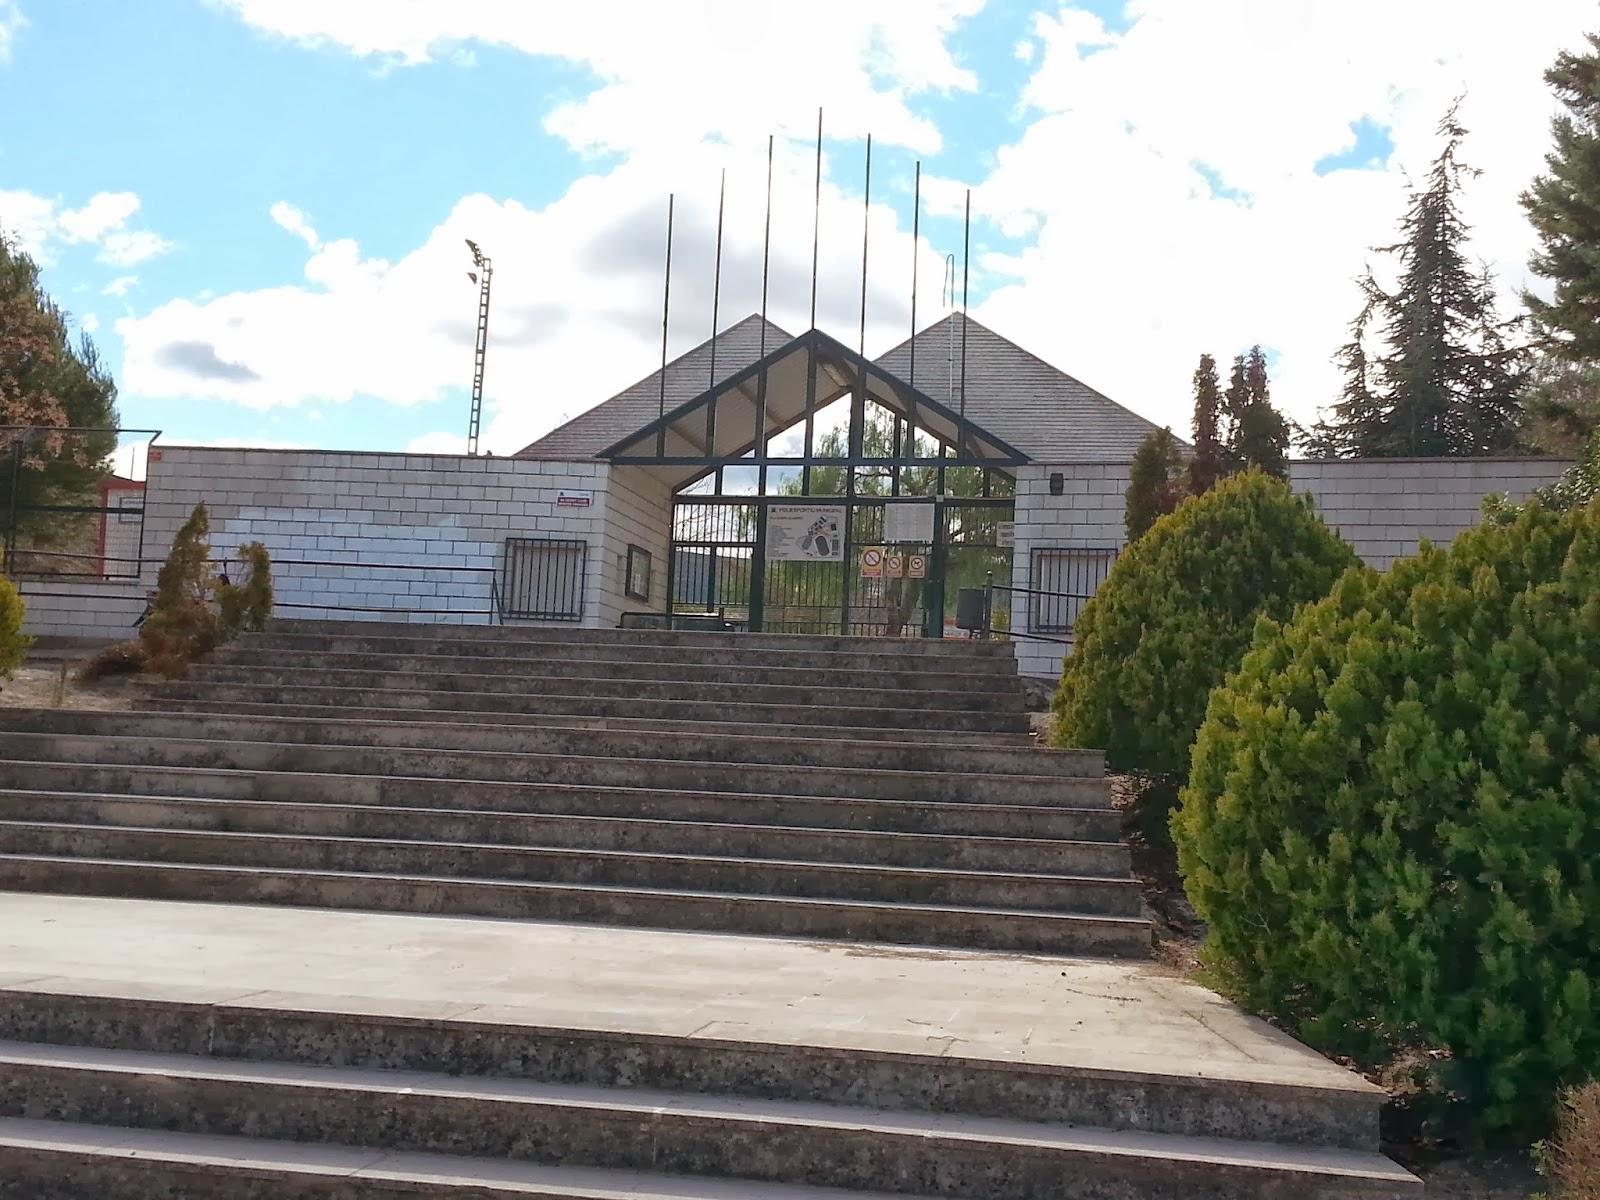 Poliesportiu, Biblioteques, MAOVA i Palau de la Vila, obrin en una setmana El Periòdic d'Ontinyent